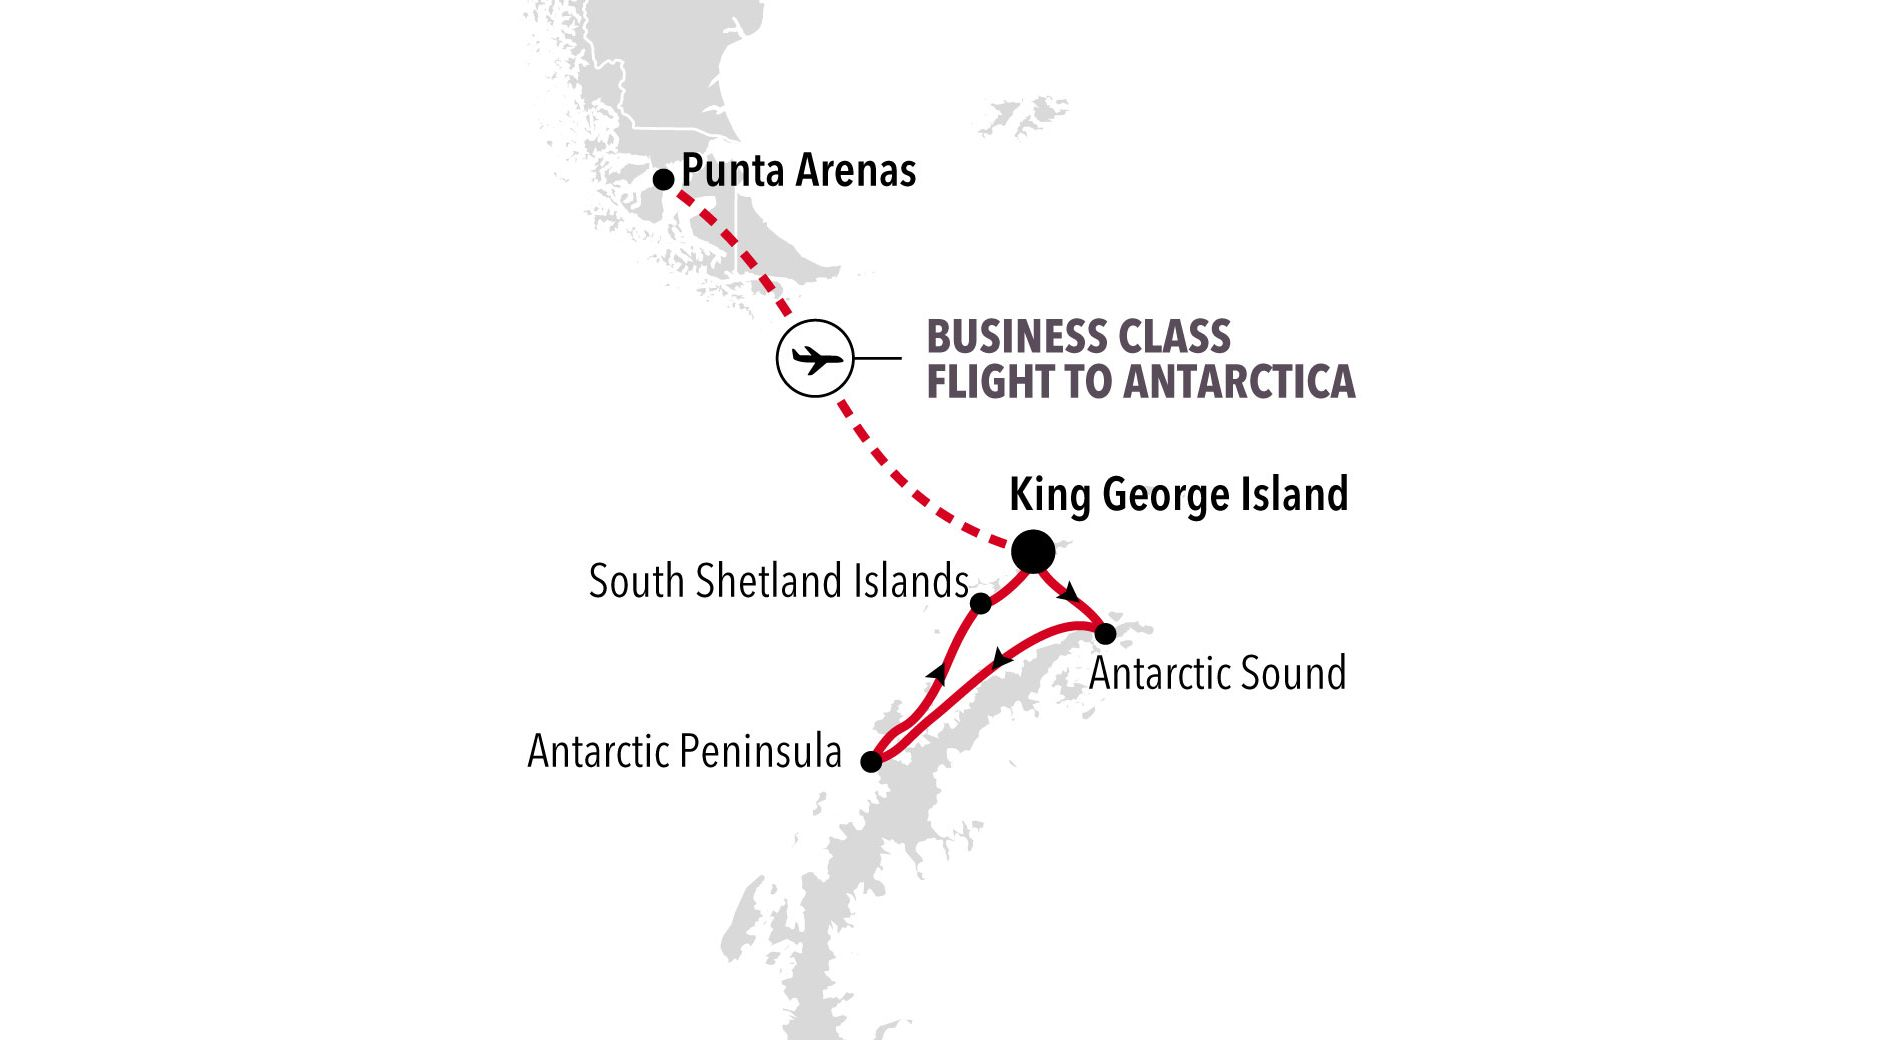 E1220124006 - King George Island nach King George Island